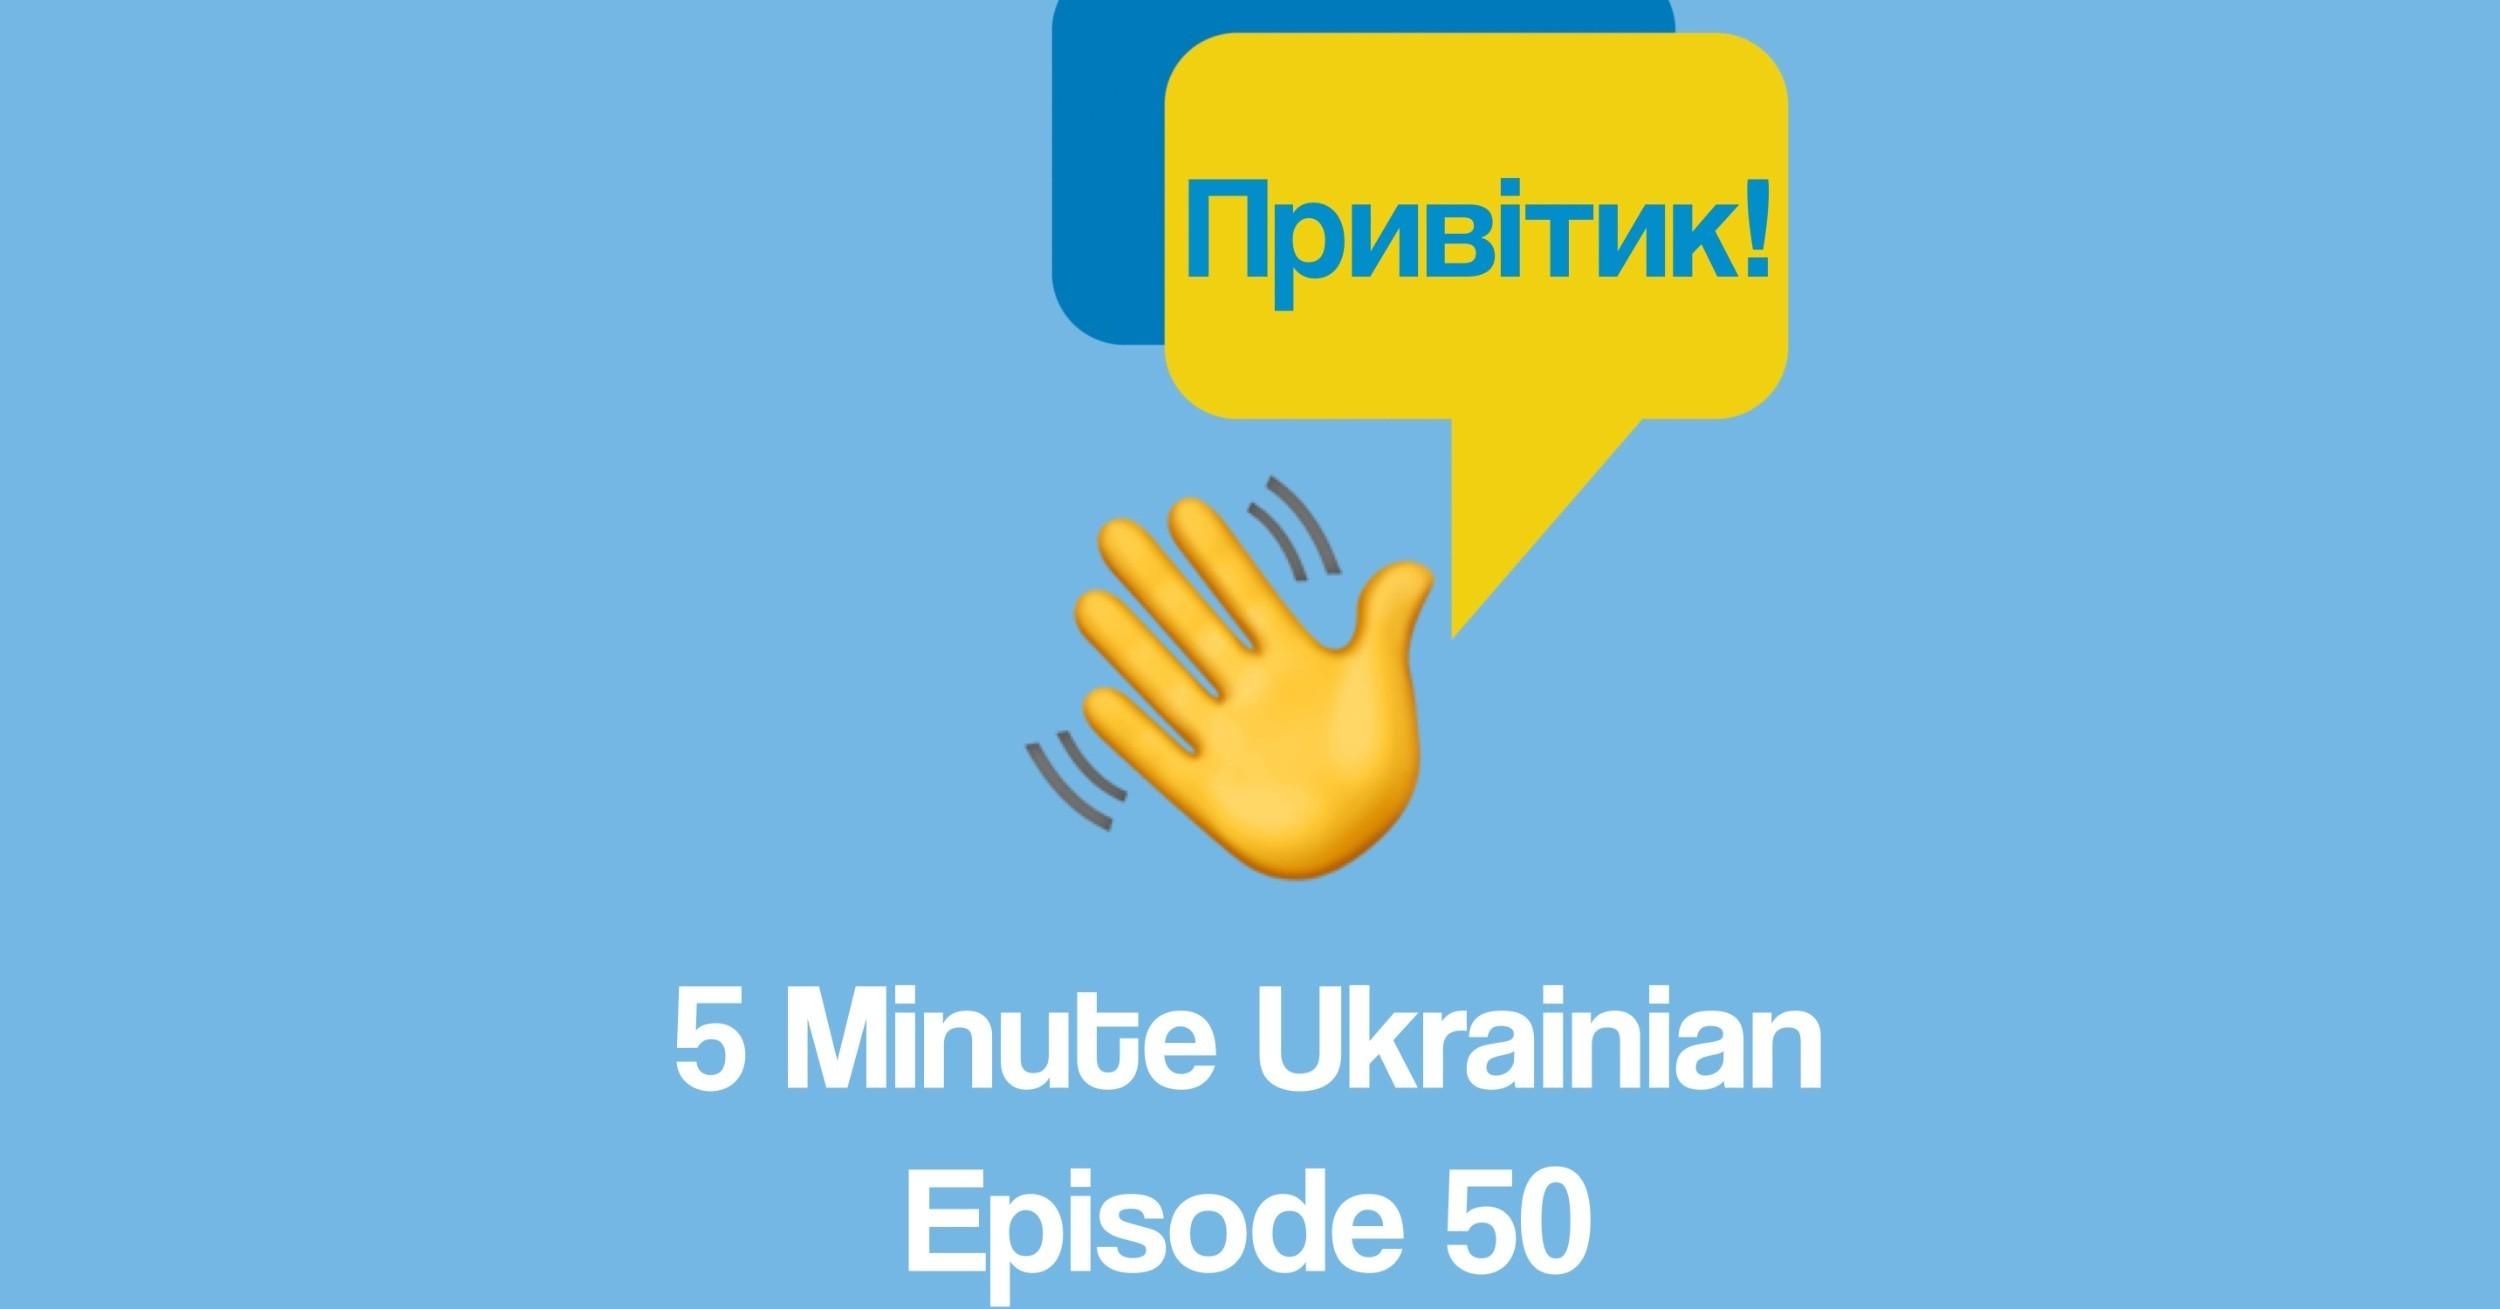 greetings in Ukrainian